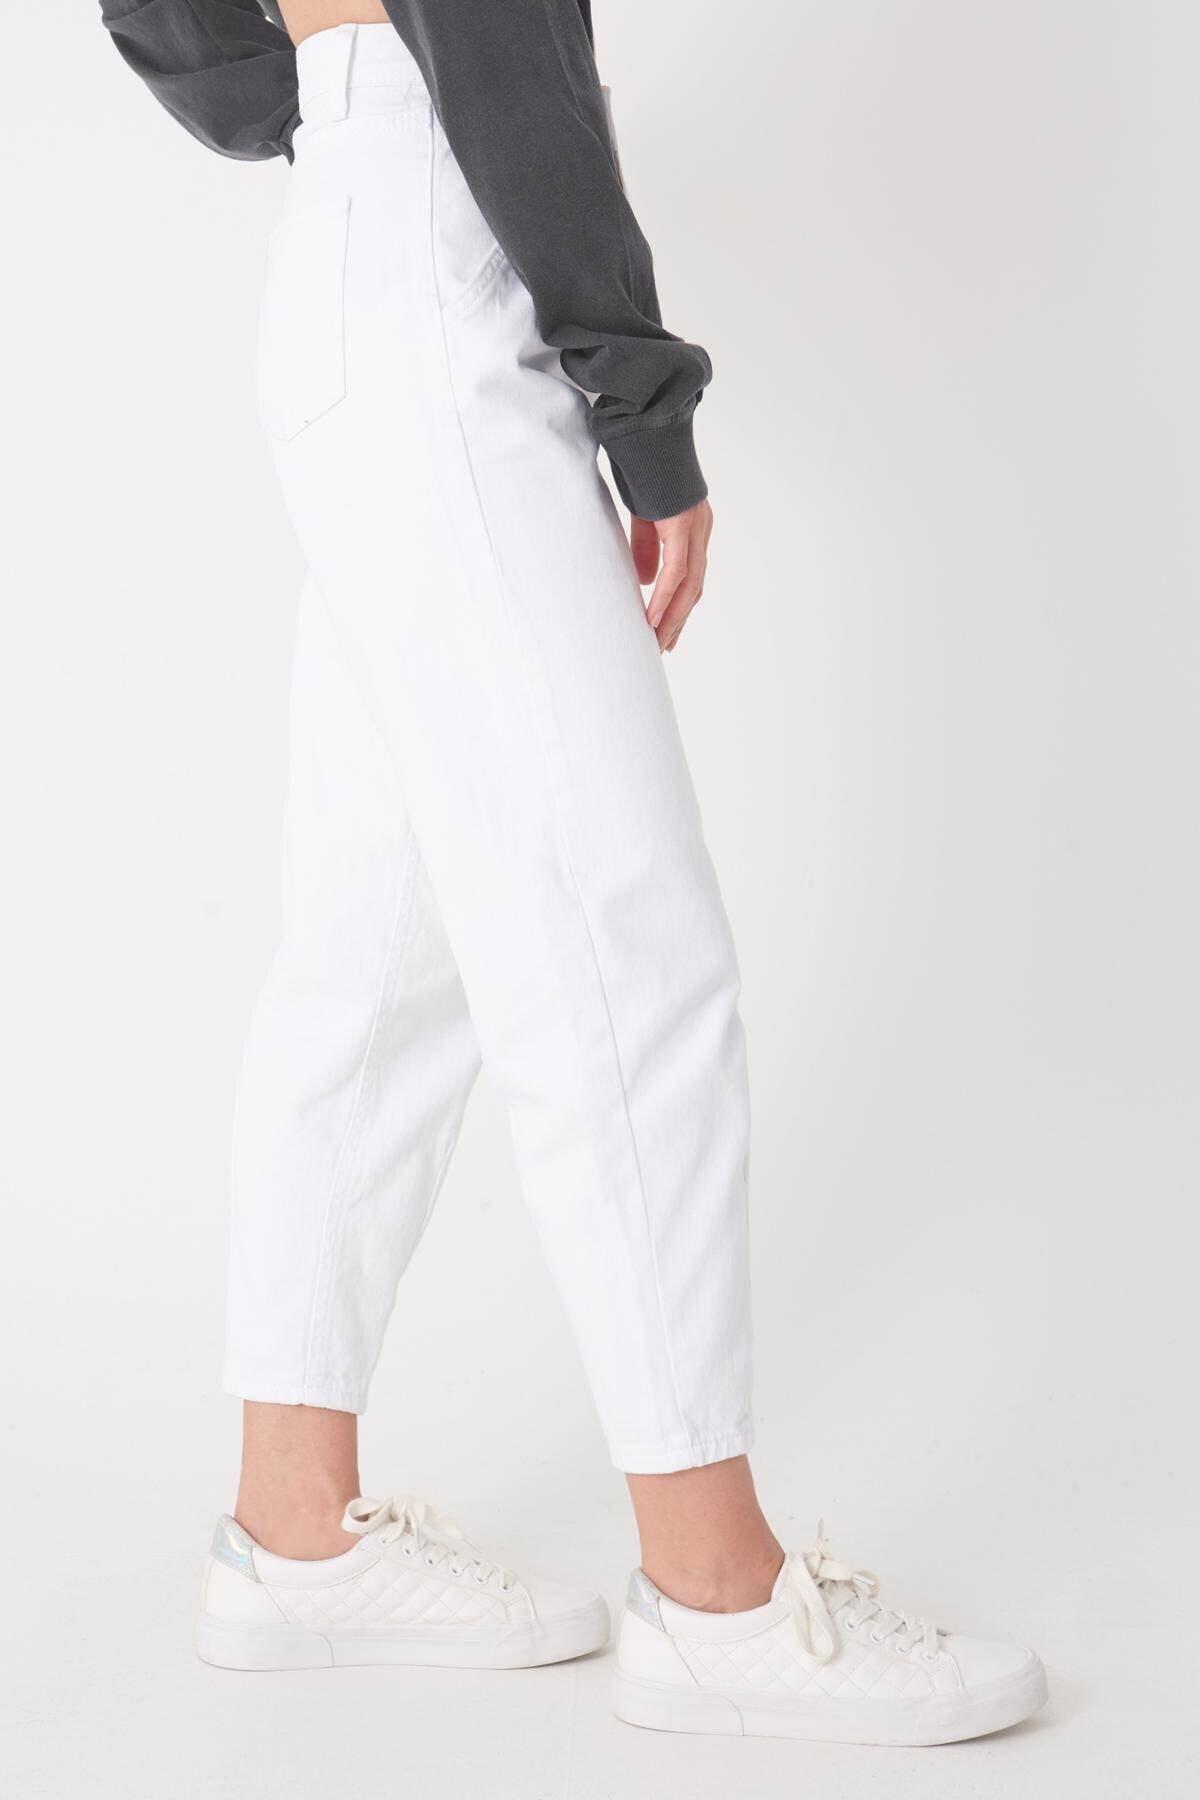 Addax Kadın Beyaz Cep Detaylı Pantolon Pn6895 - Pnh Adx-0000023130 4